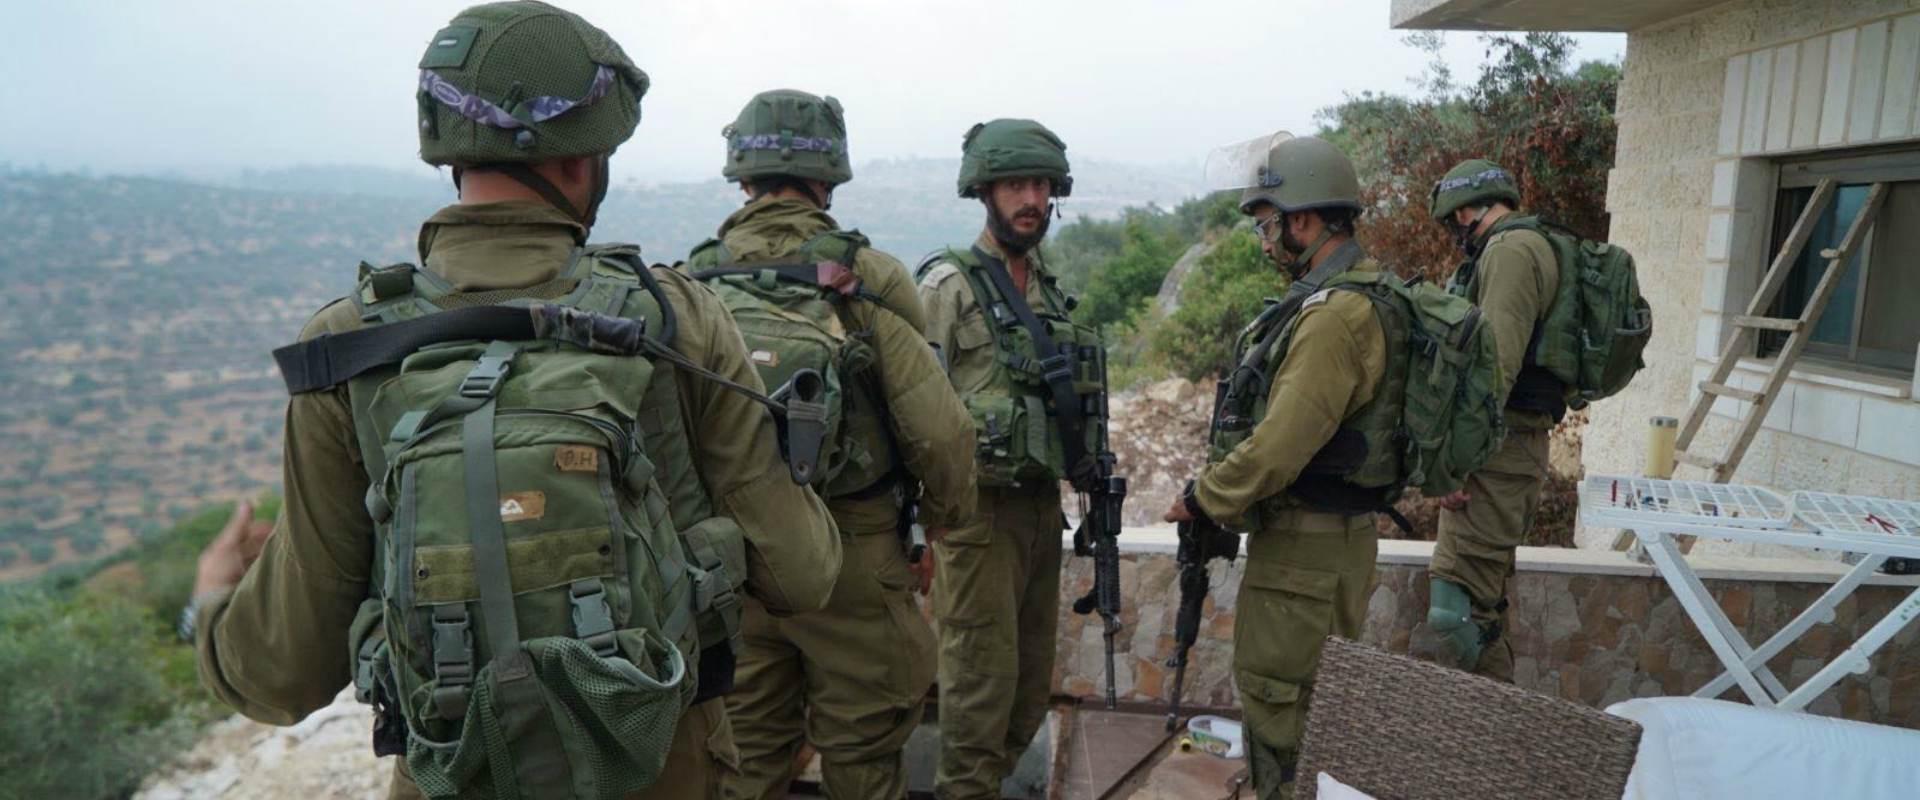 """כוחות צה""""ל בפעילות מבצעית"""